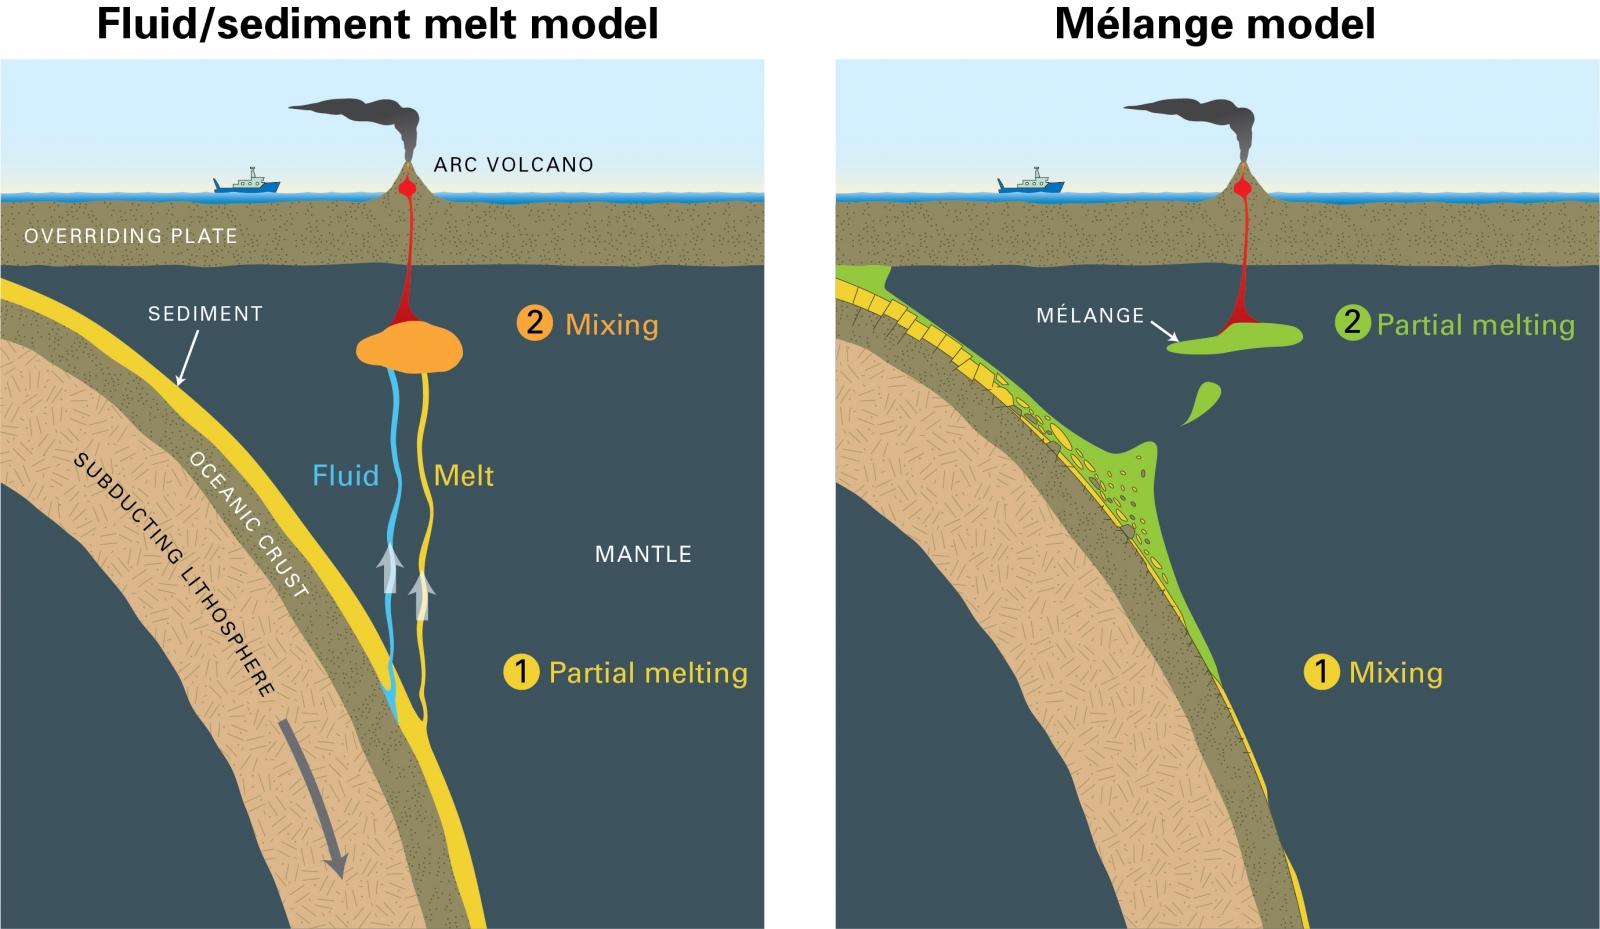 Melange model